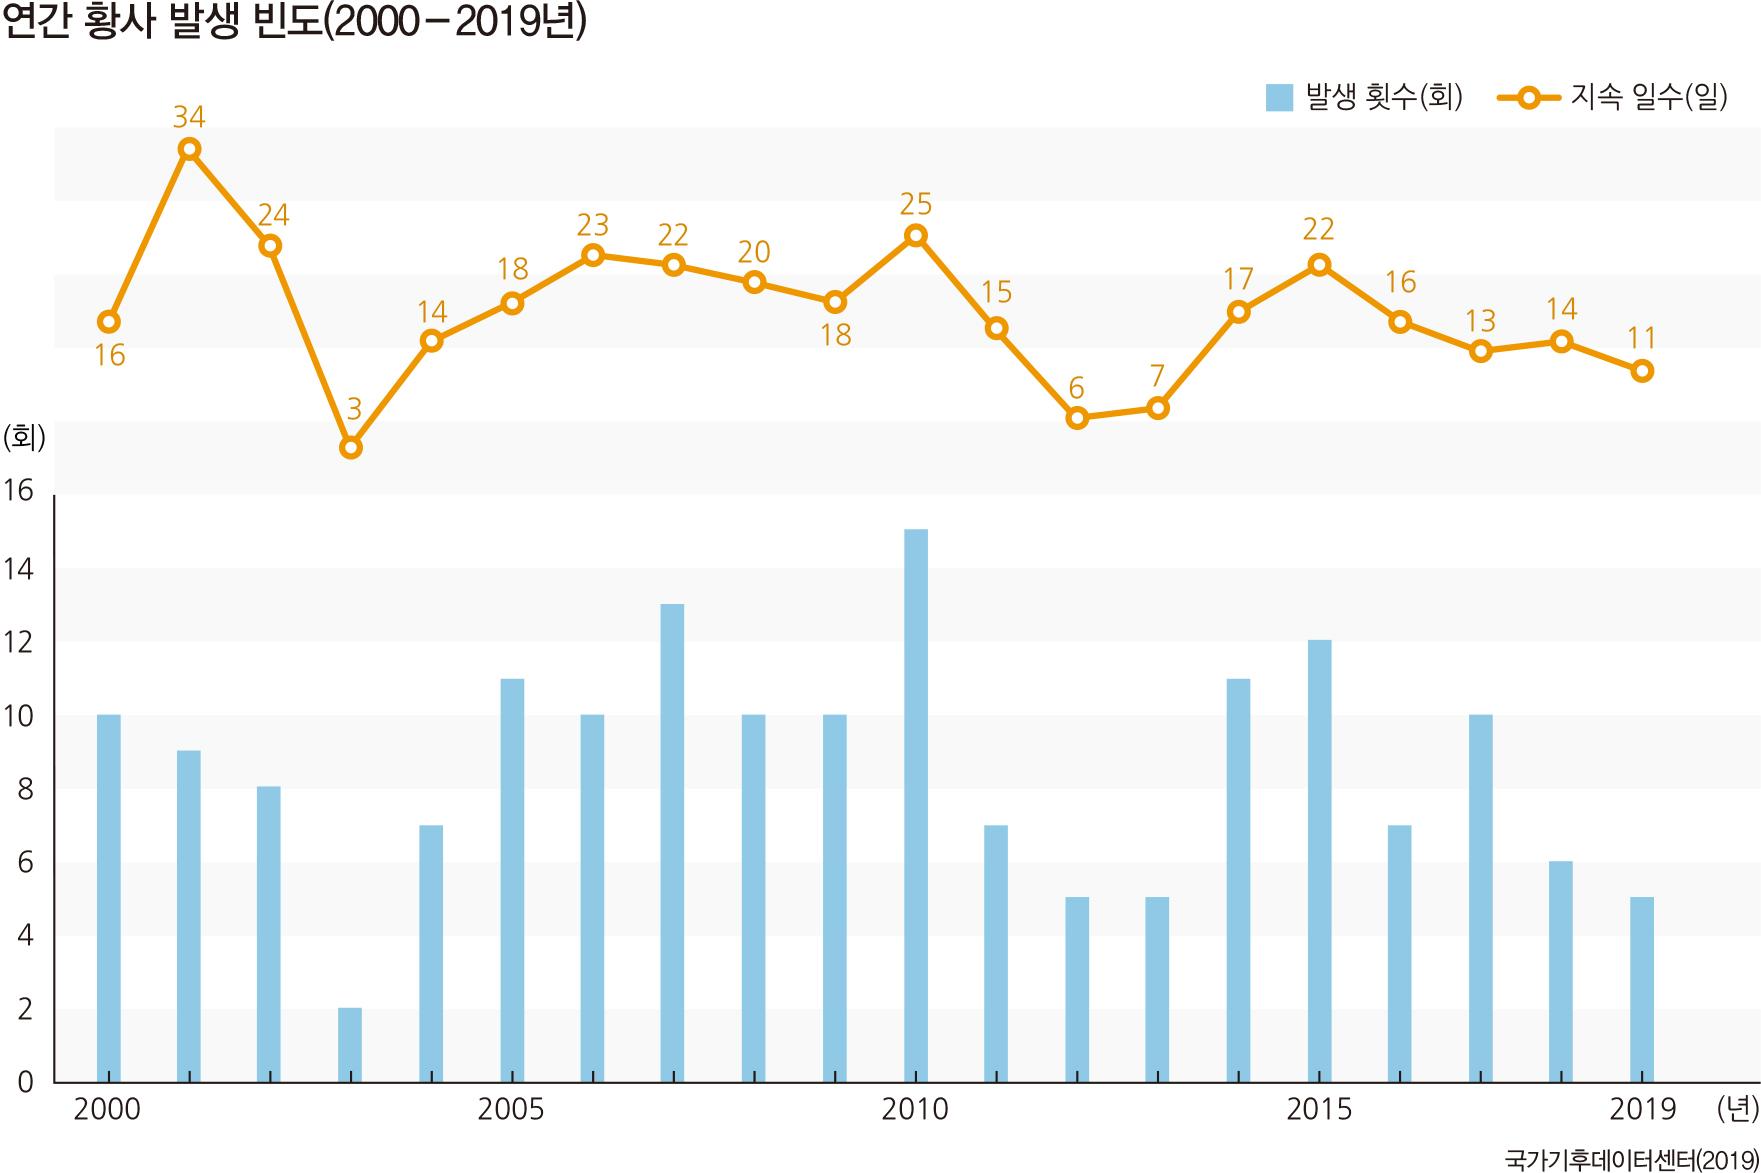 연간 황사 발생 빈도(2000-2019년)